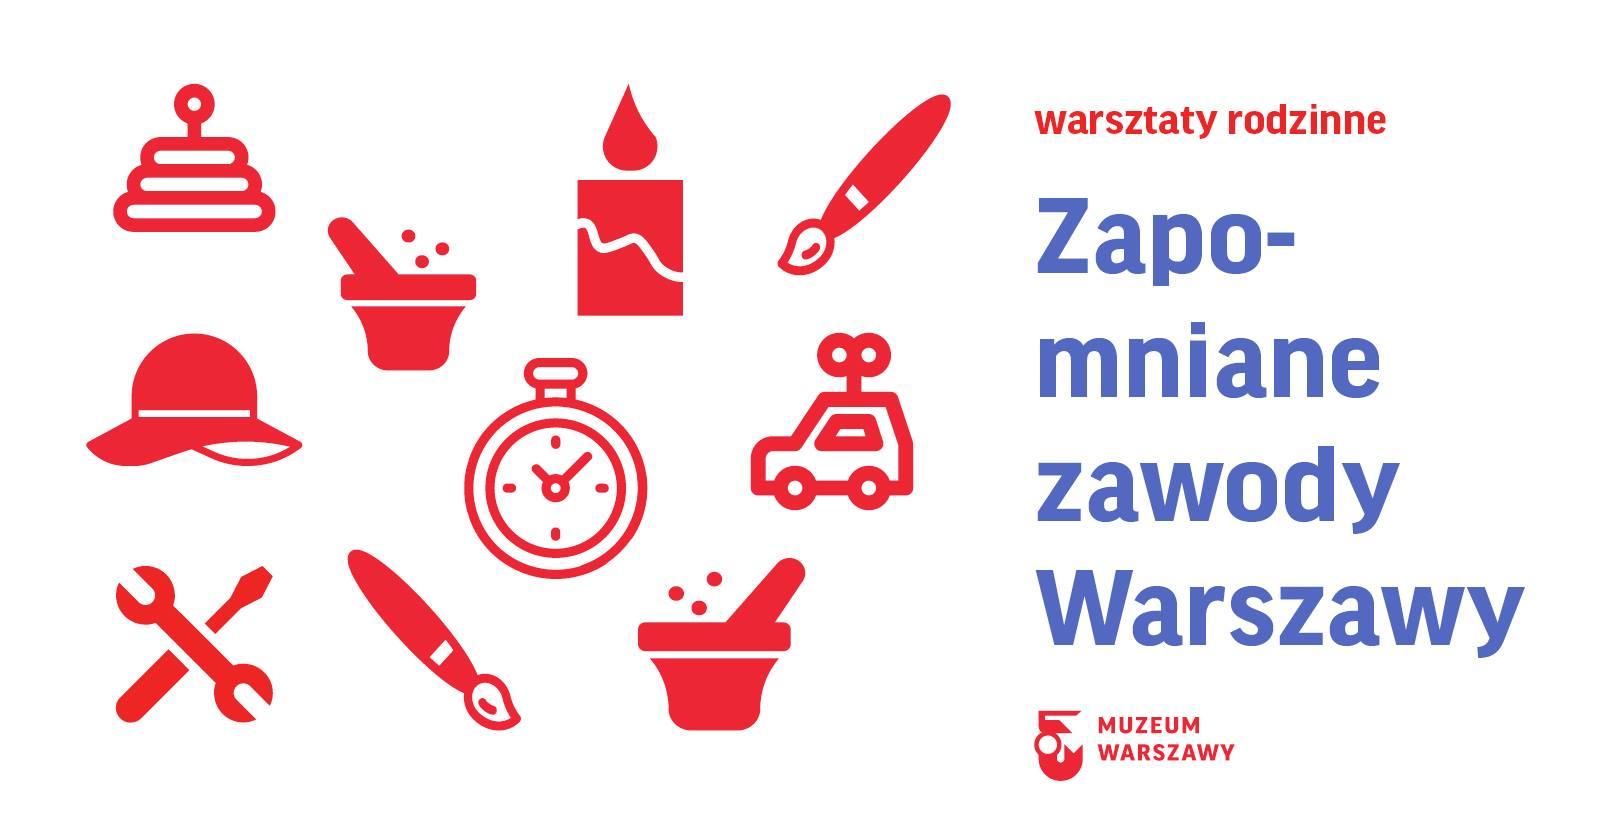 Zapomniane zawody Warszawy